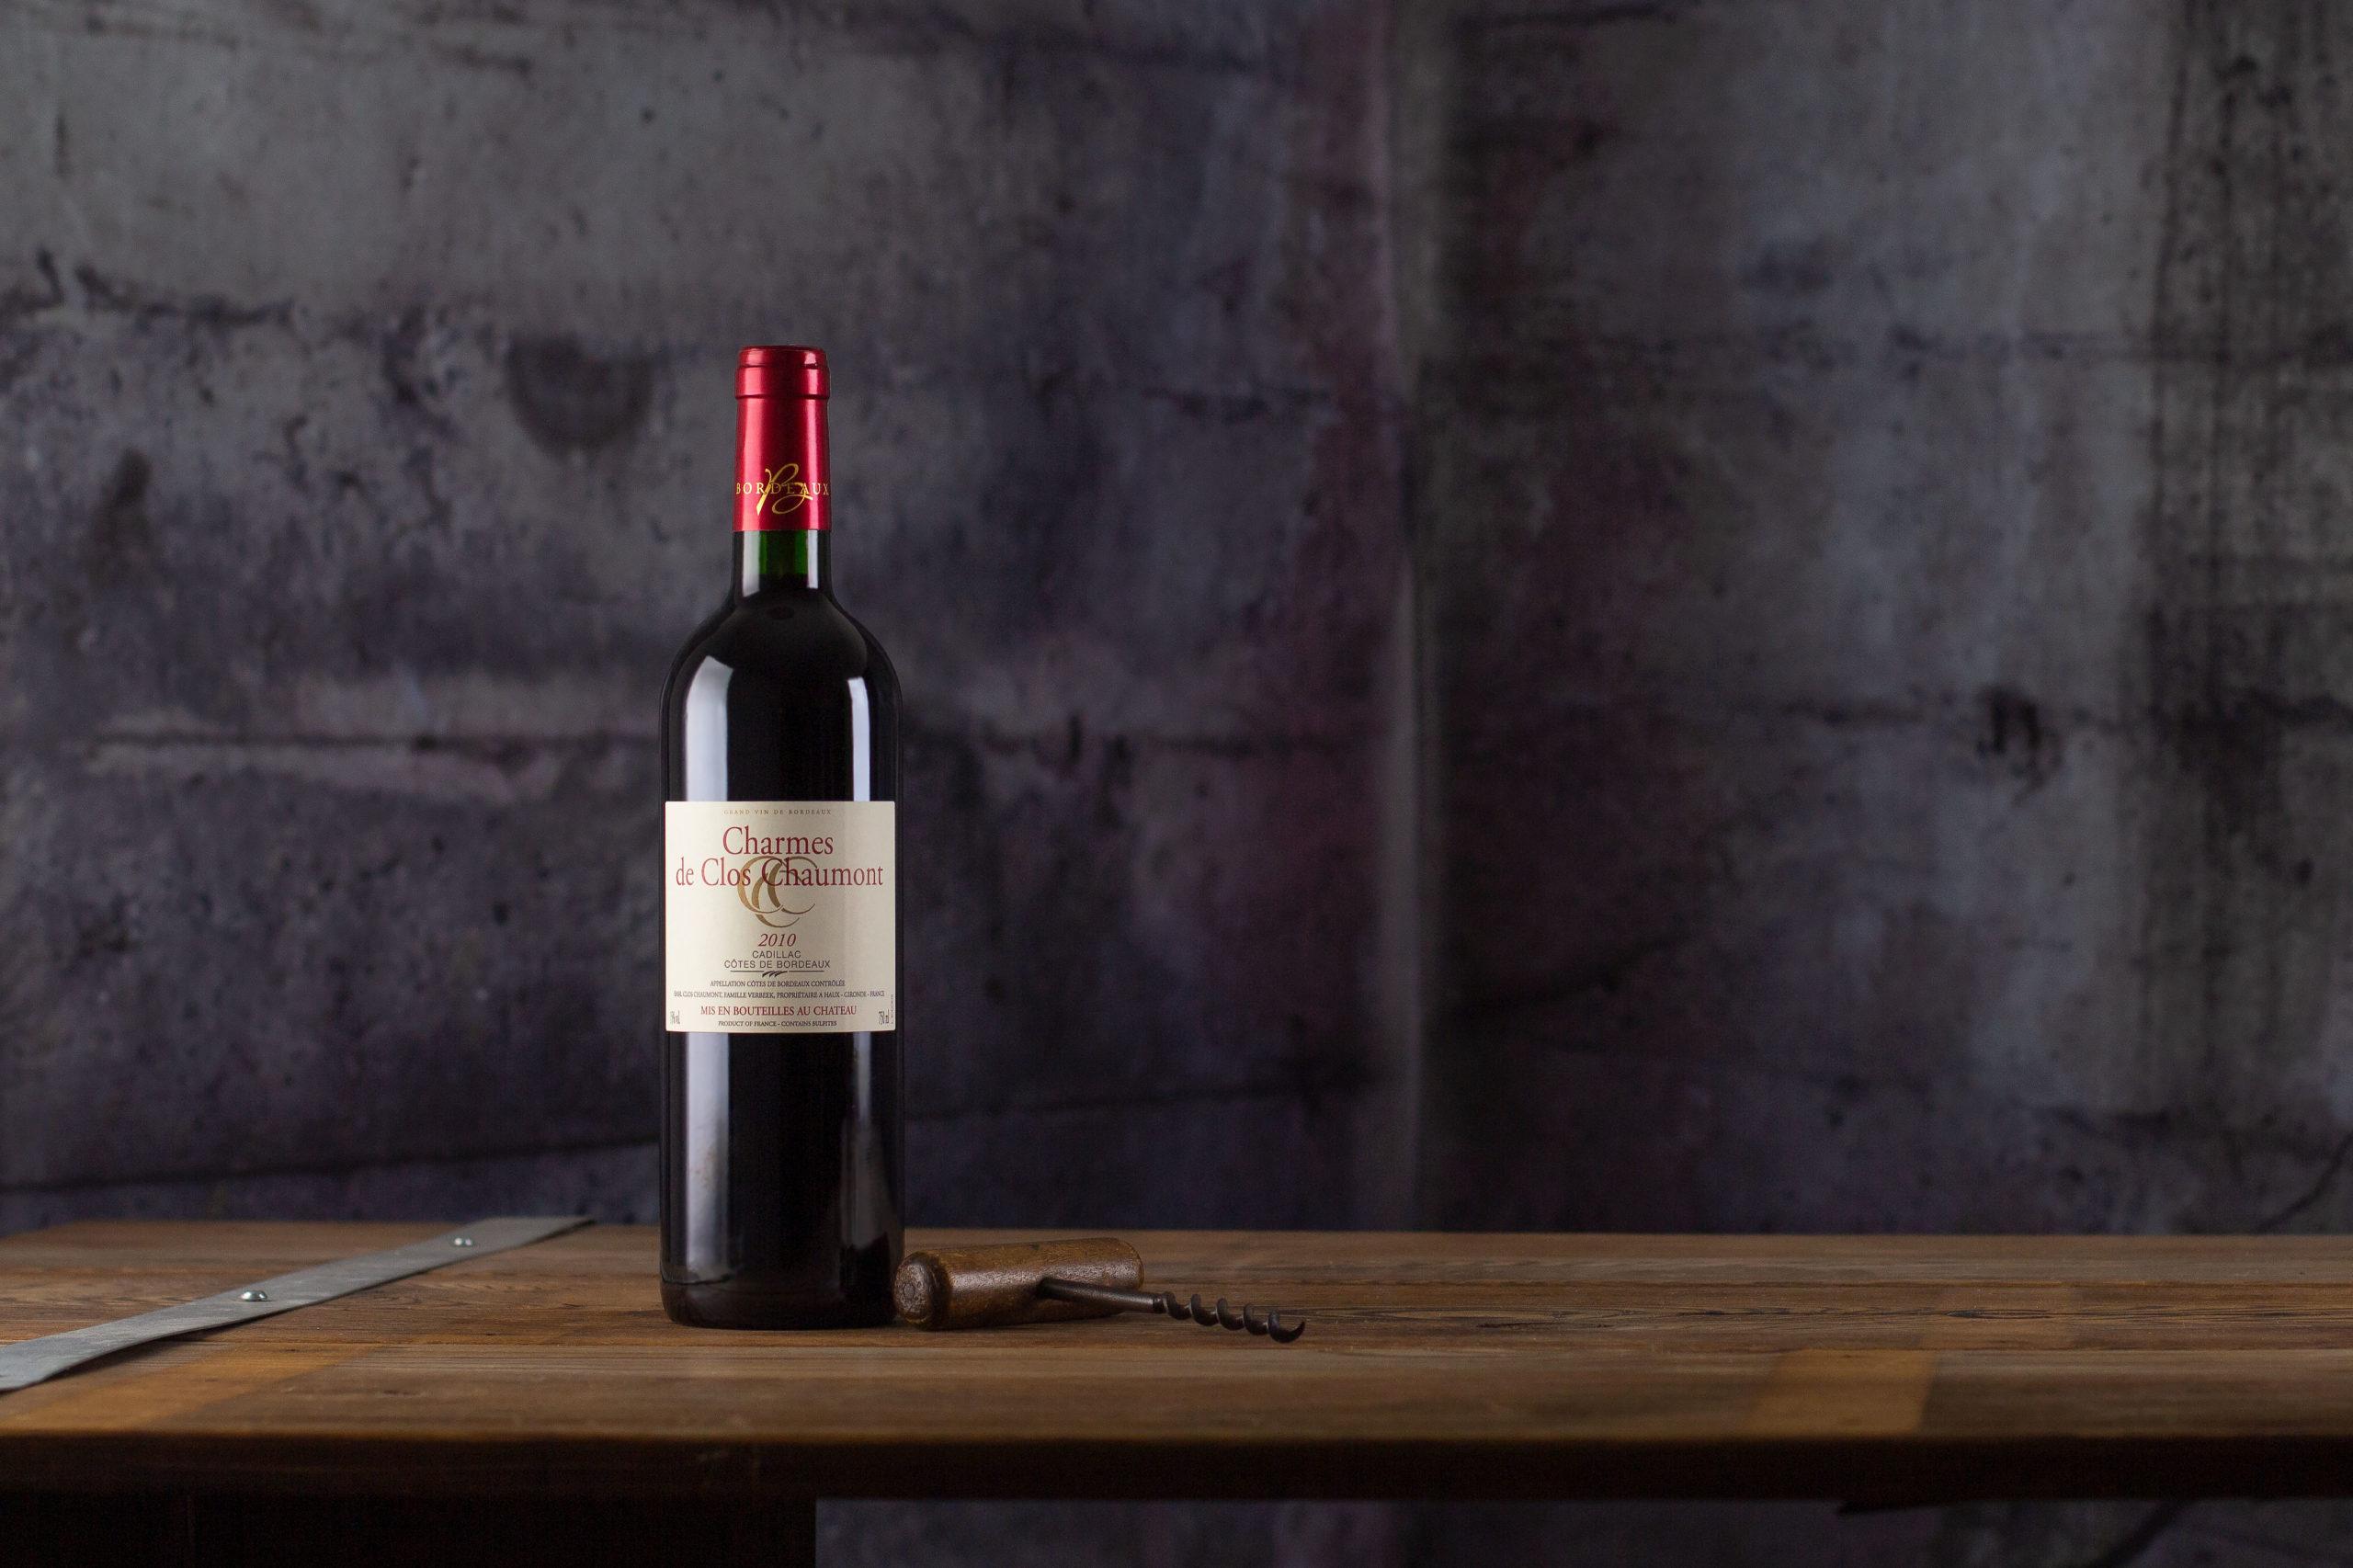 Charmes de Clos Chaumont, Cadillac Côtes de Bordeaux